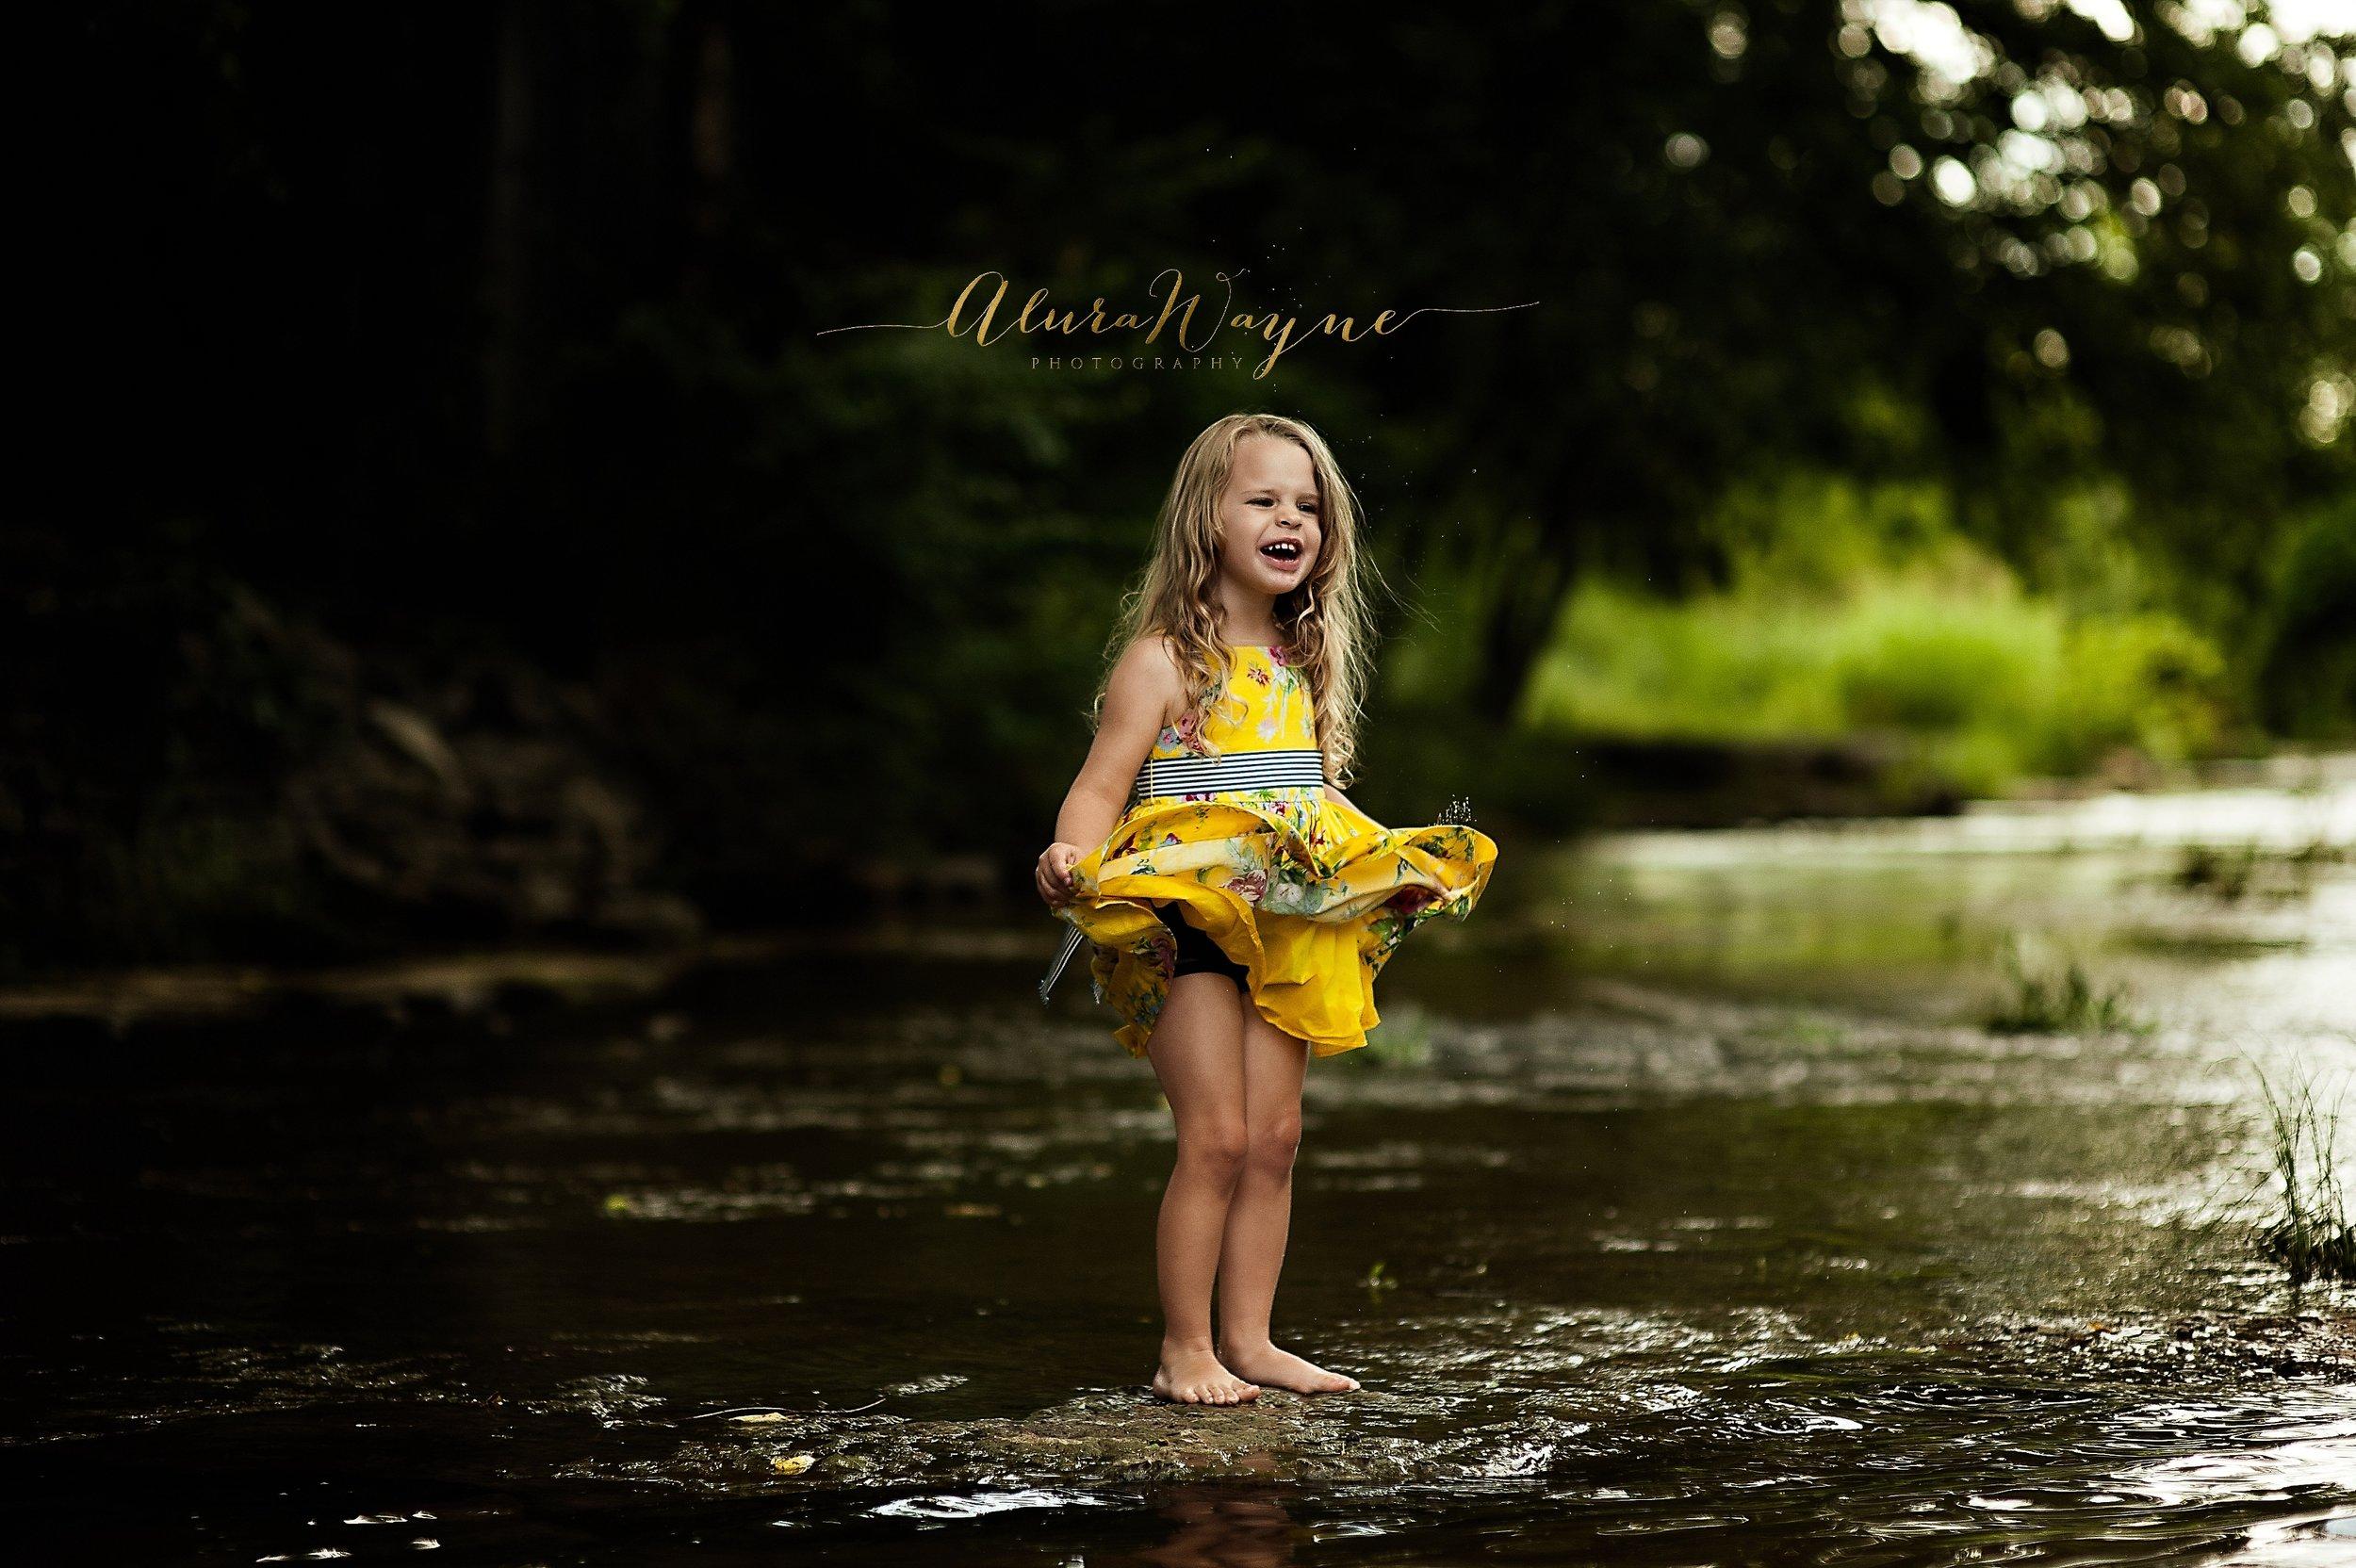 nashville family lifestyle photographer alurawayne photography